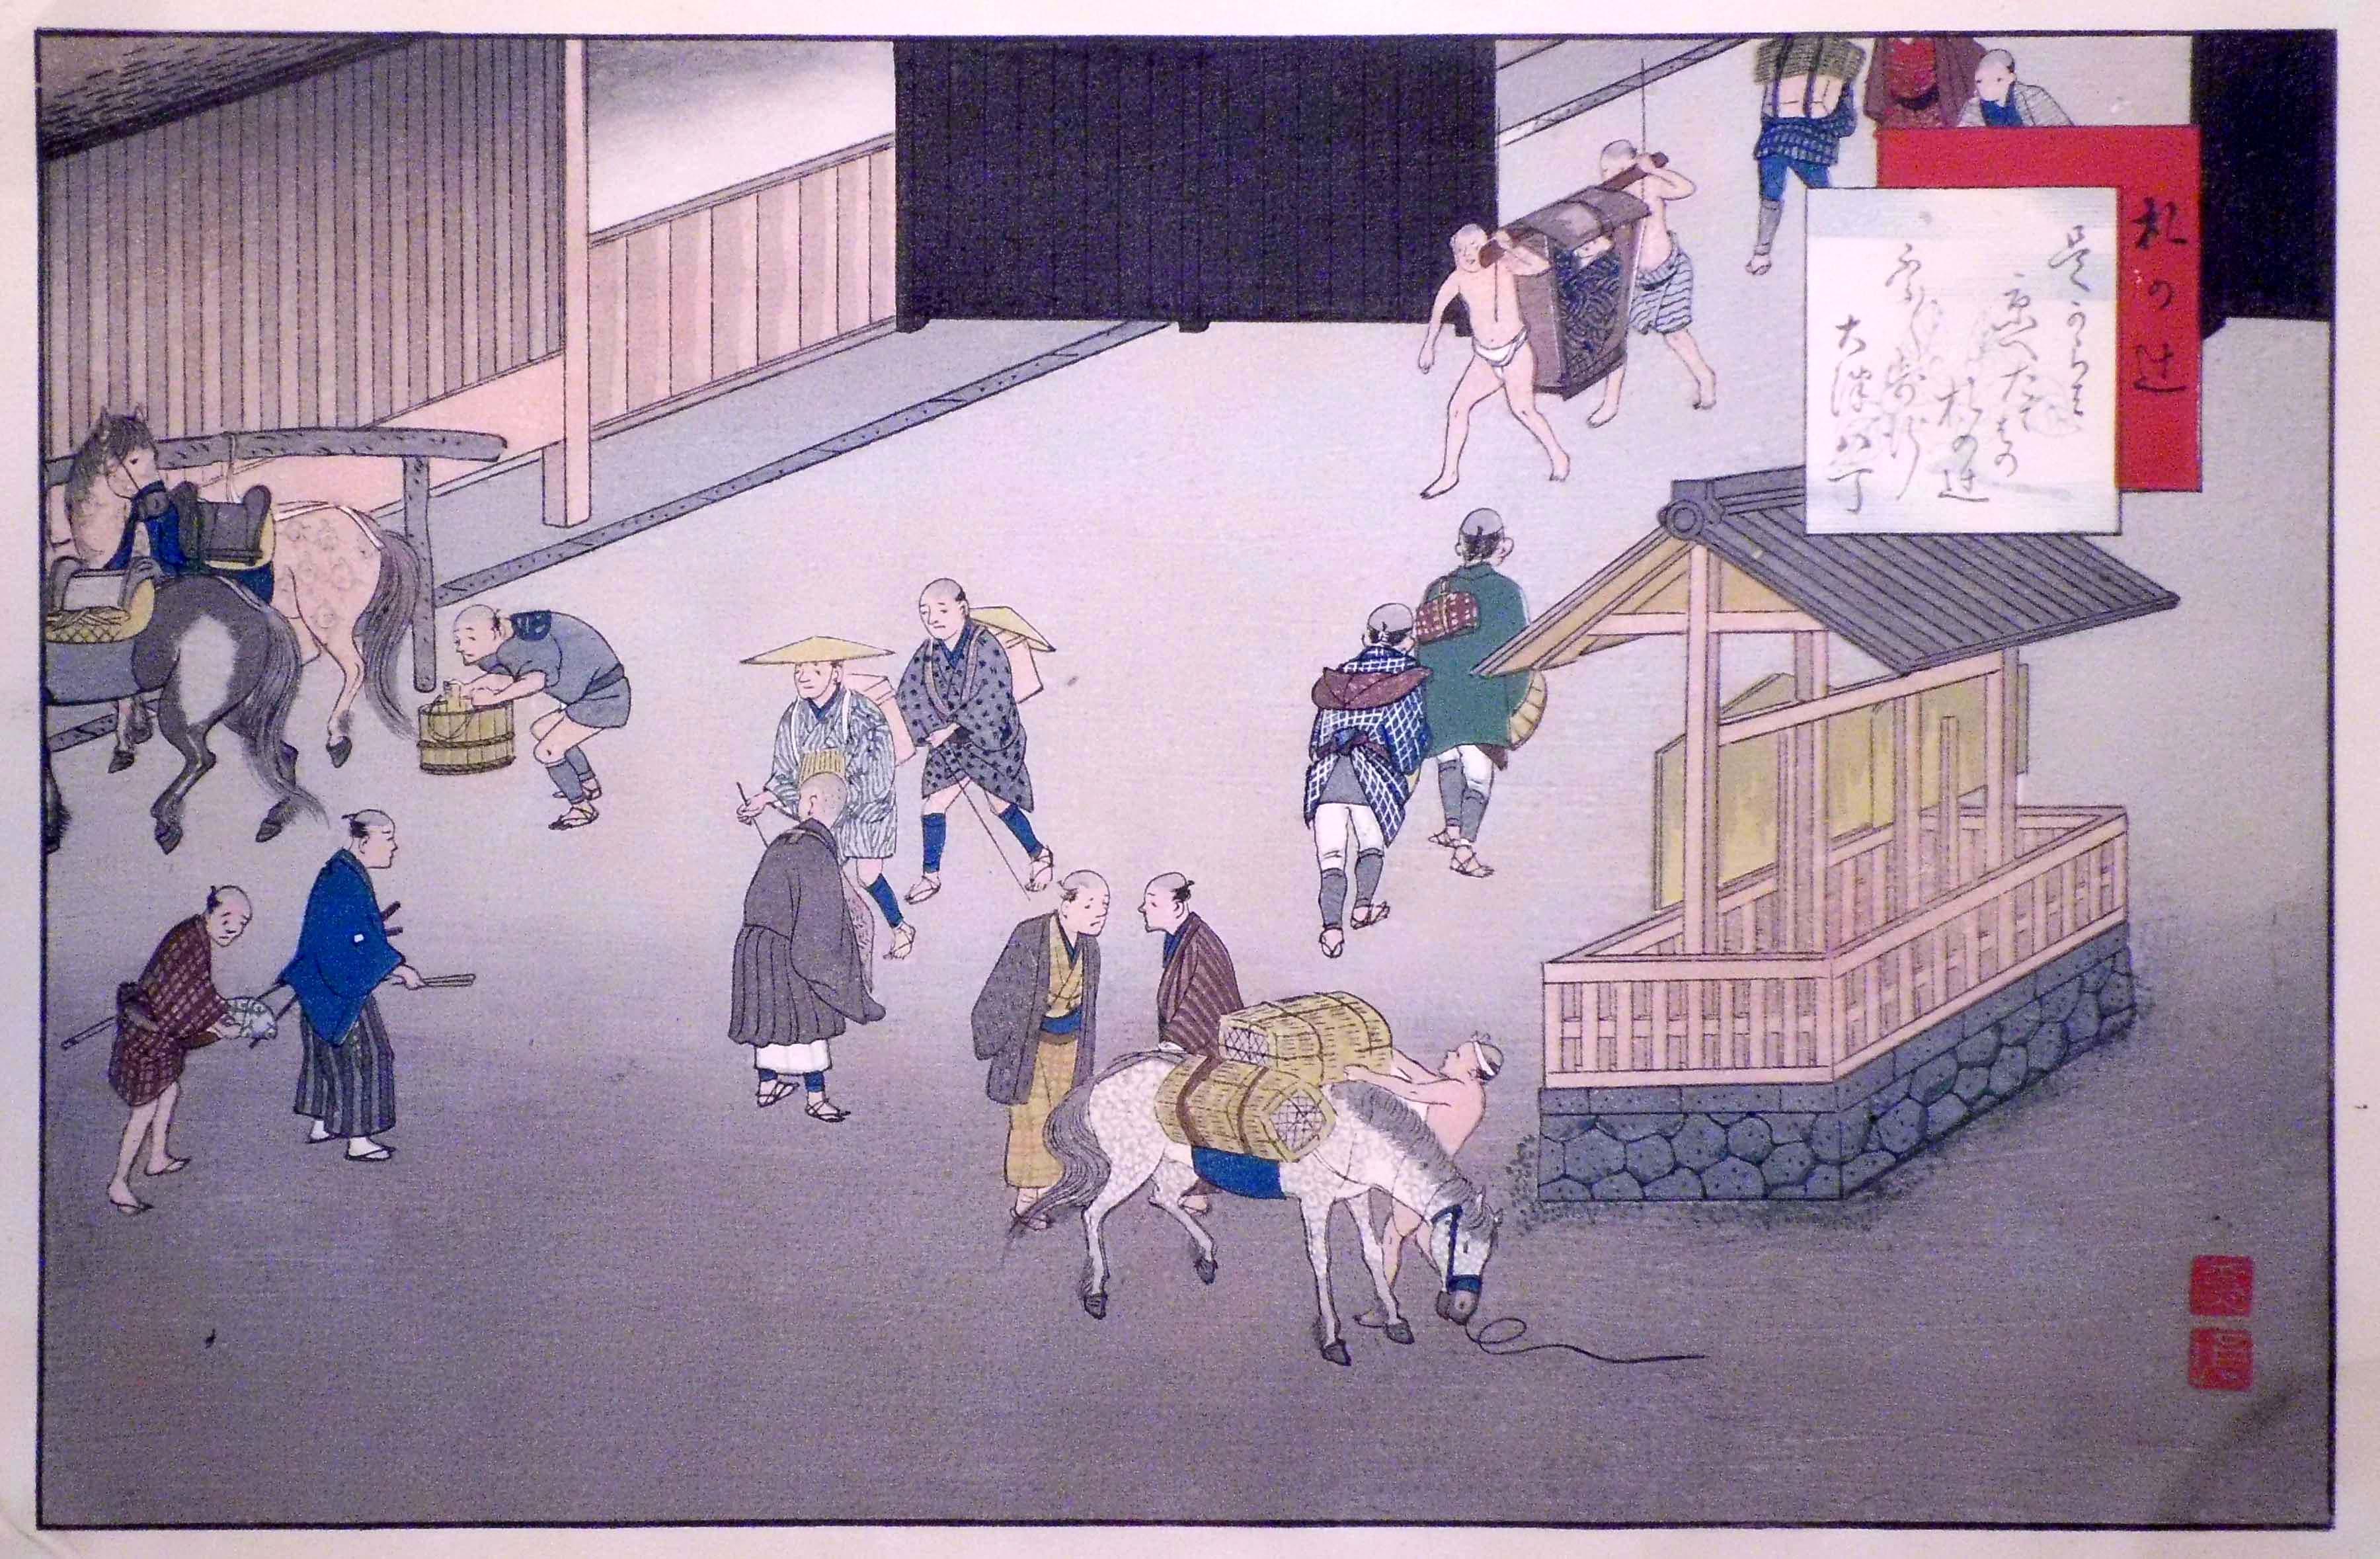 Fujikawa TAMENOBU (attivo nel 1890/1914) – OTSU, CINQUANTATREESIMA STAZIONE DELLA TOKAIDO